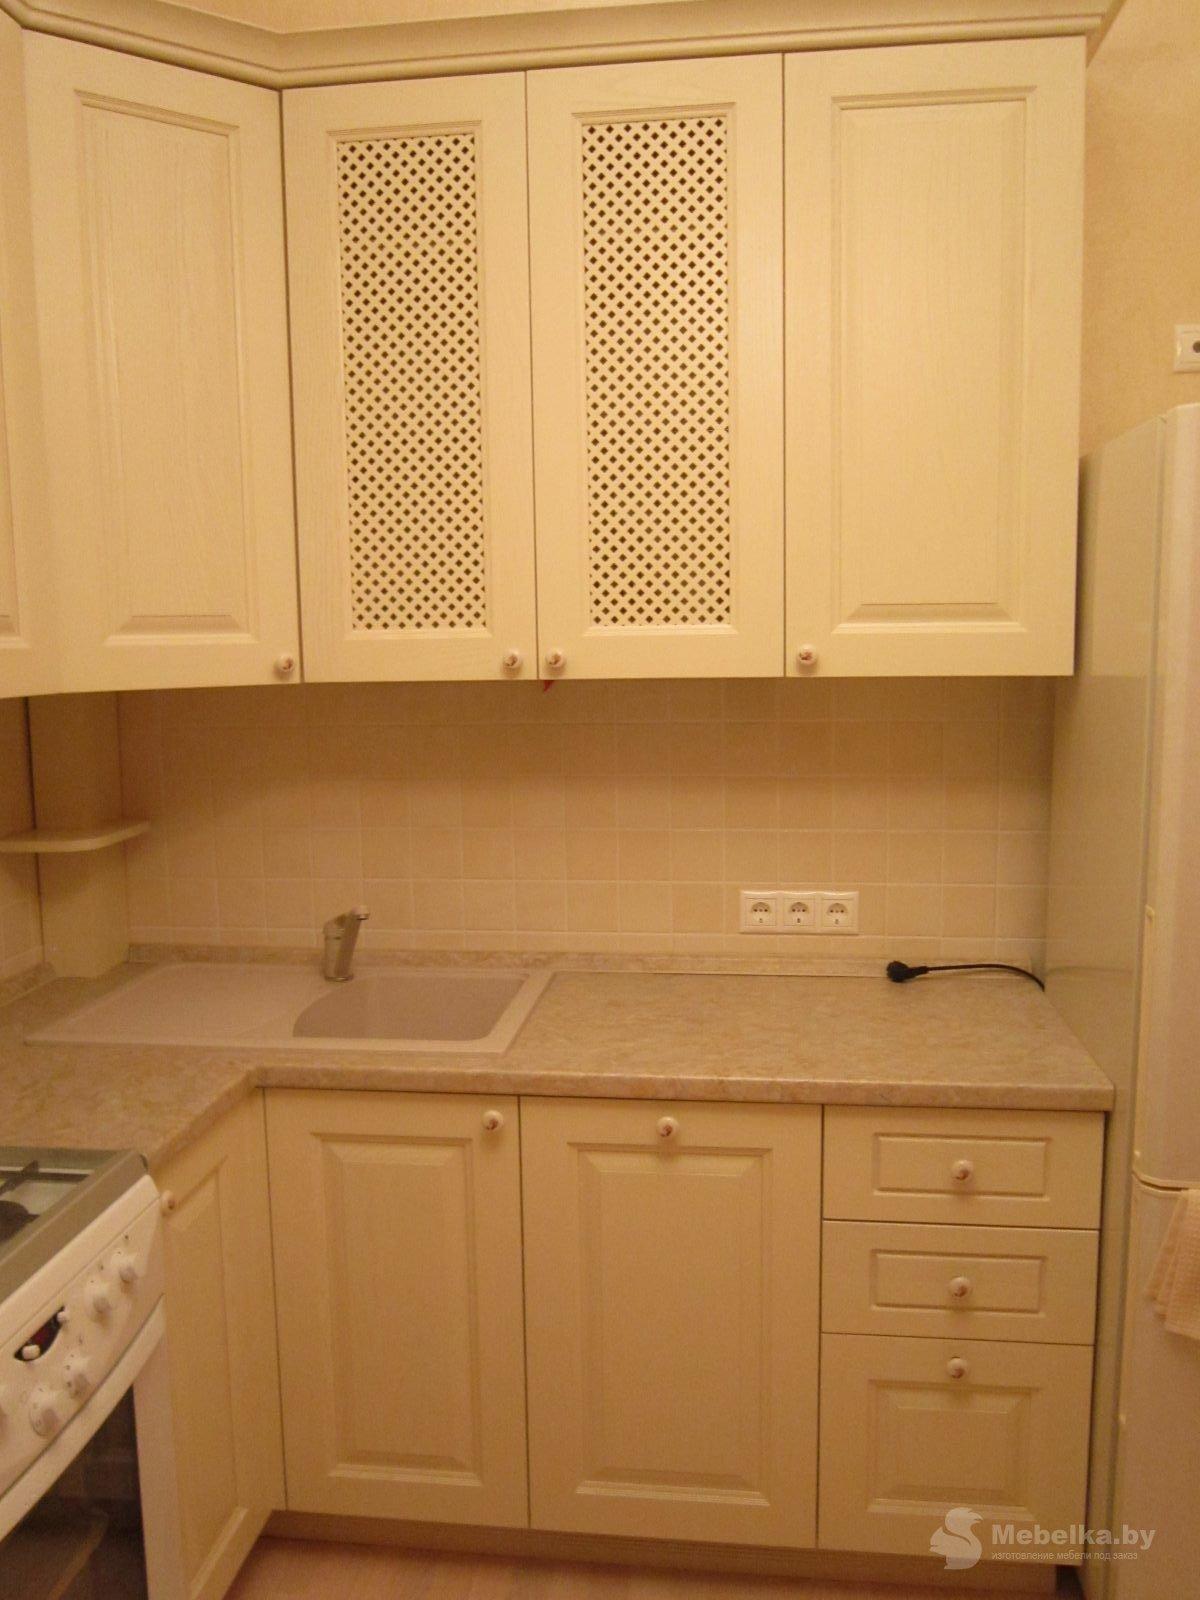 Классическая угловая кухня, второй вид